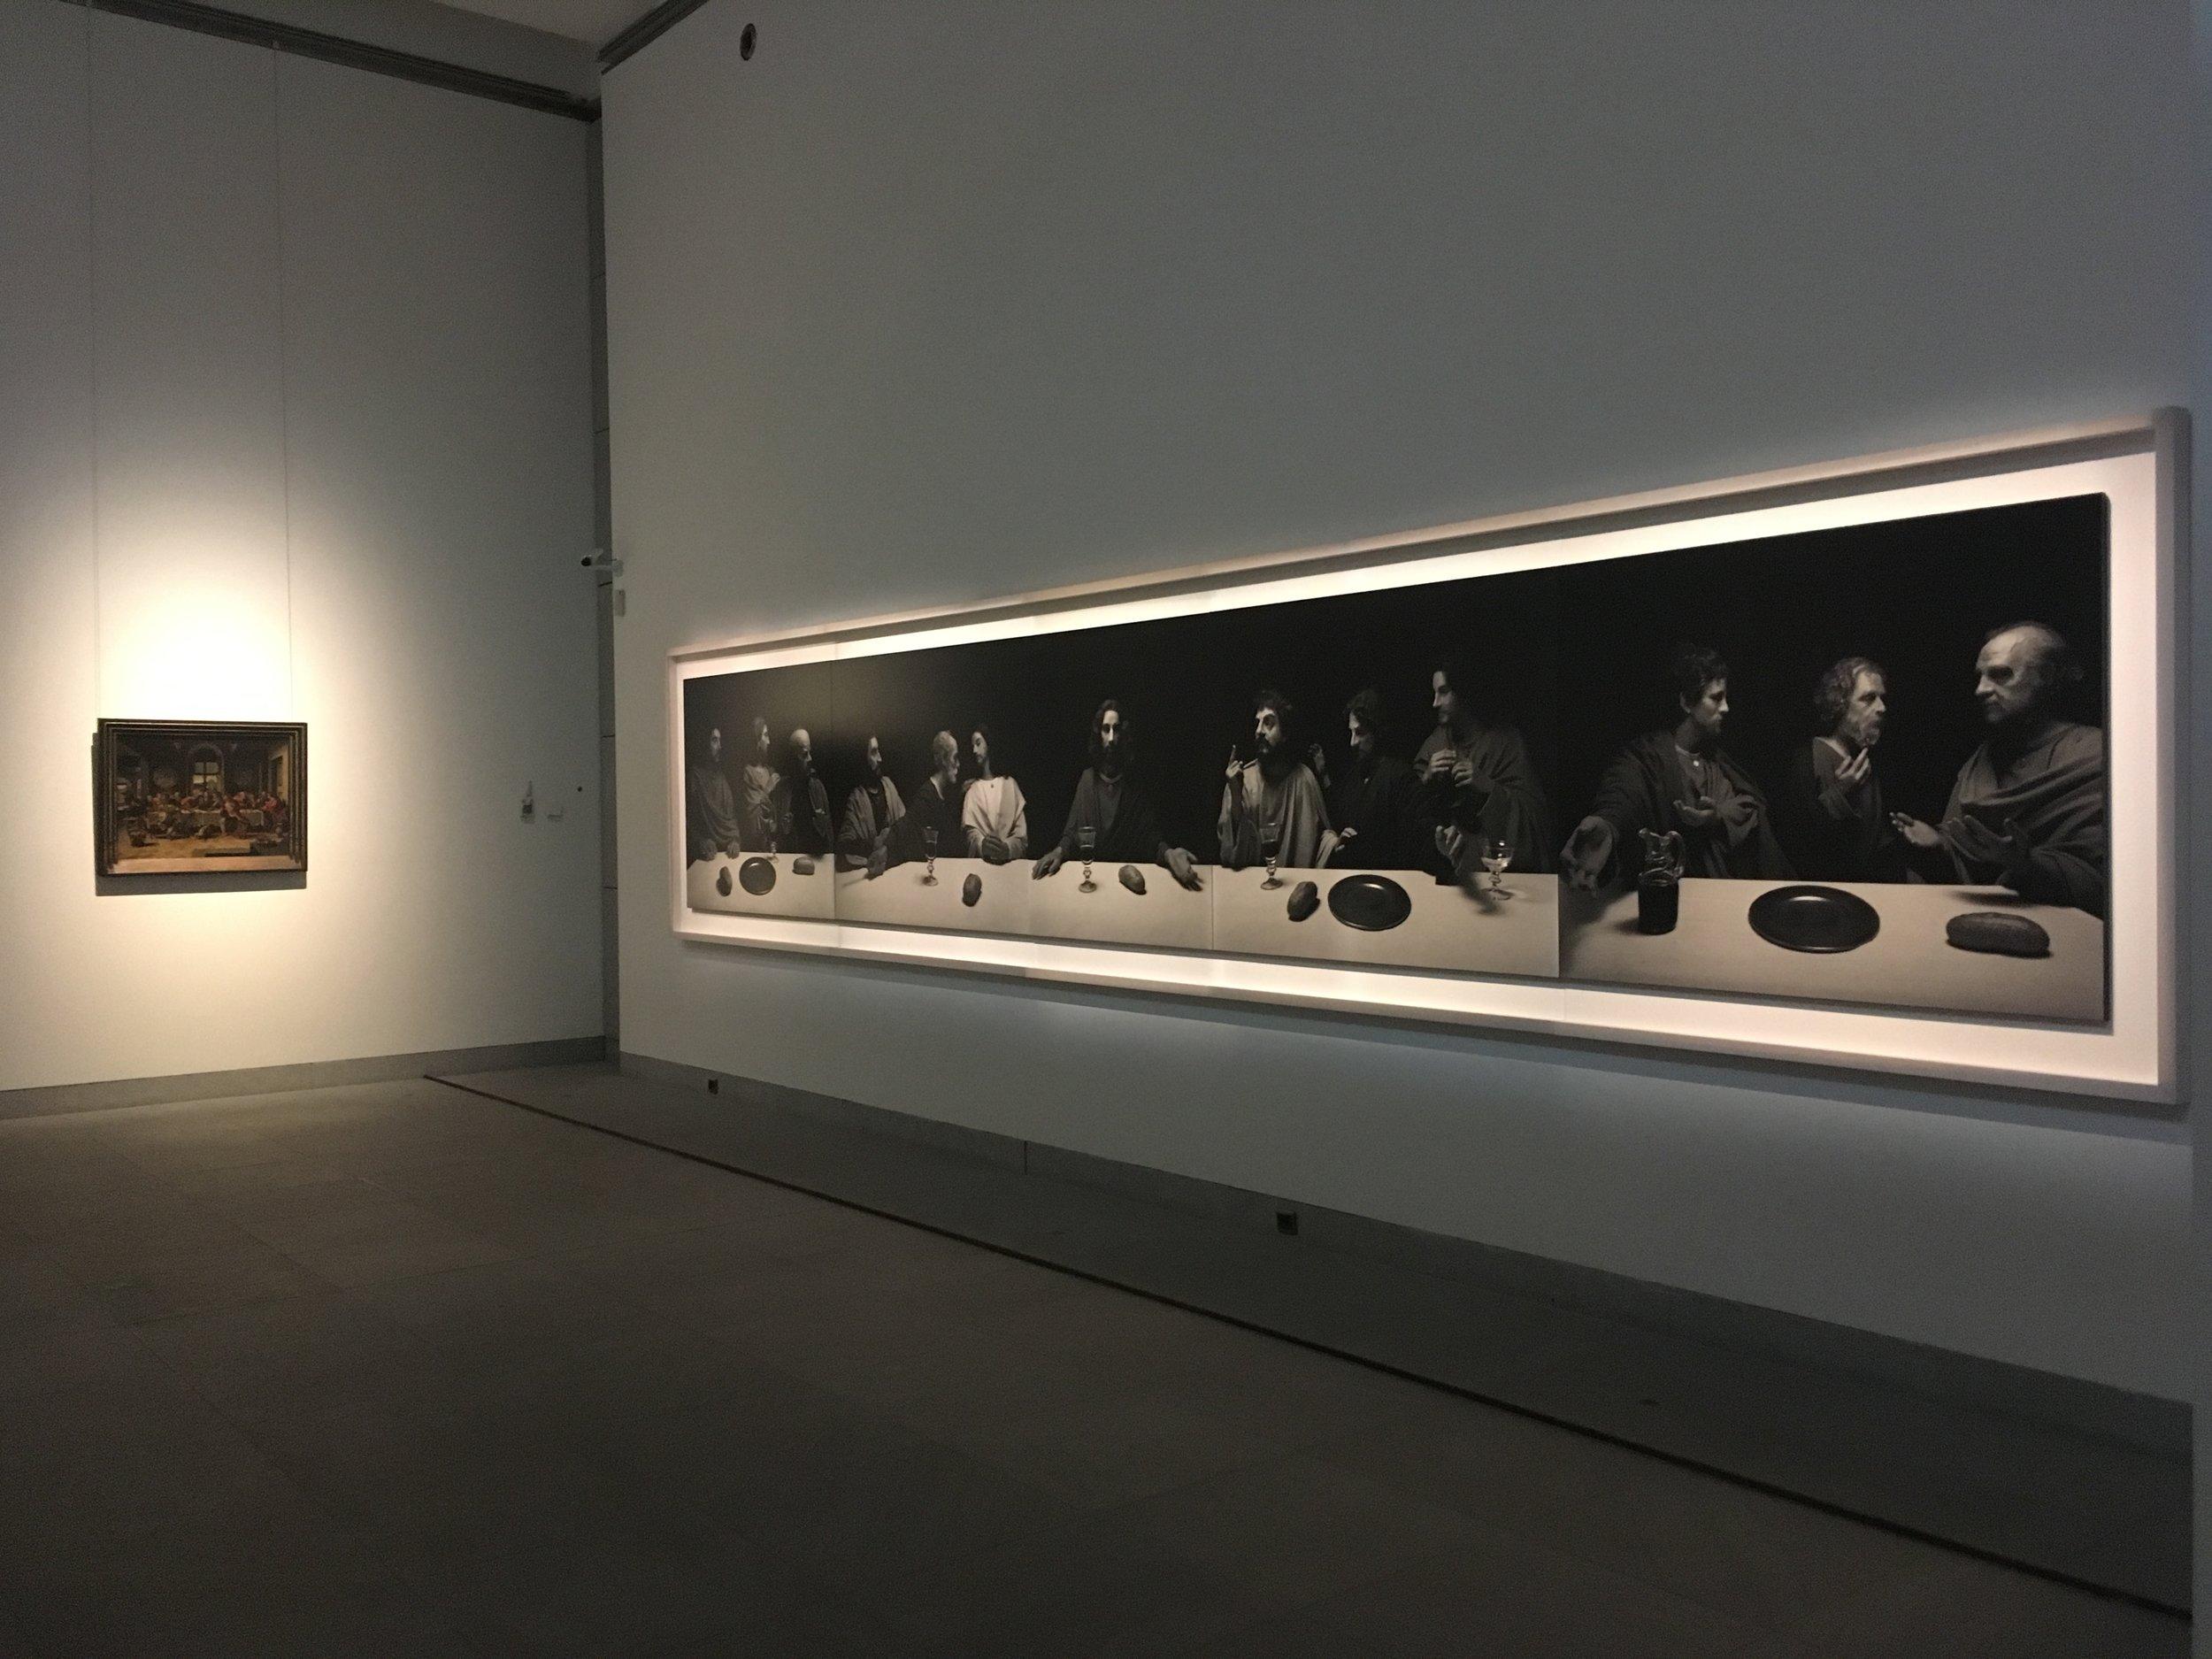 Hiroshi Sugimoto - Still Life, vue d'exposition, Musée royaux des Beaux-Arts de Belgique